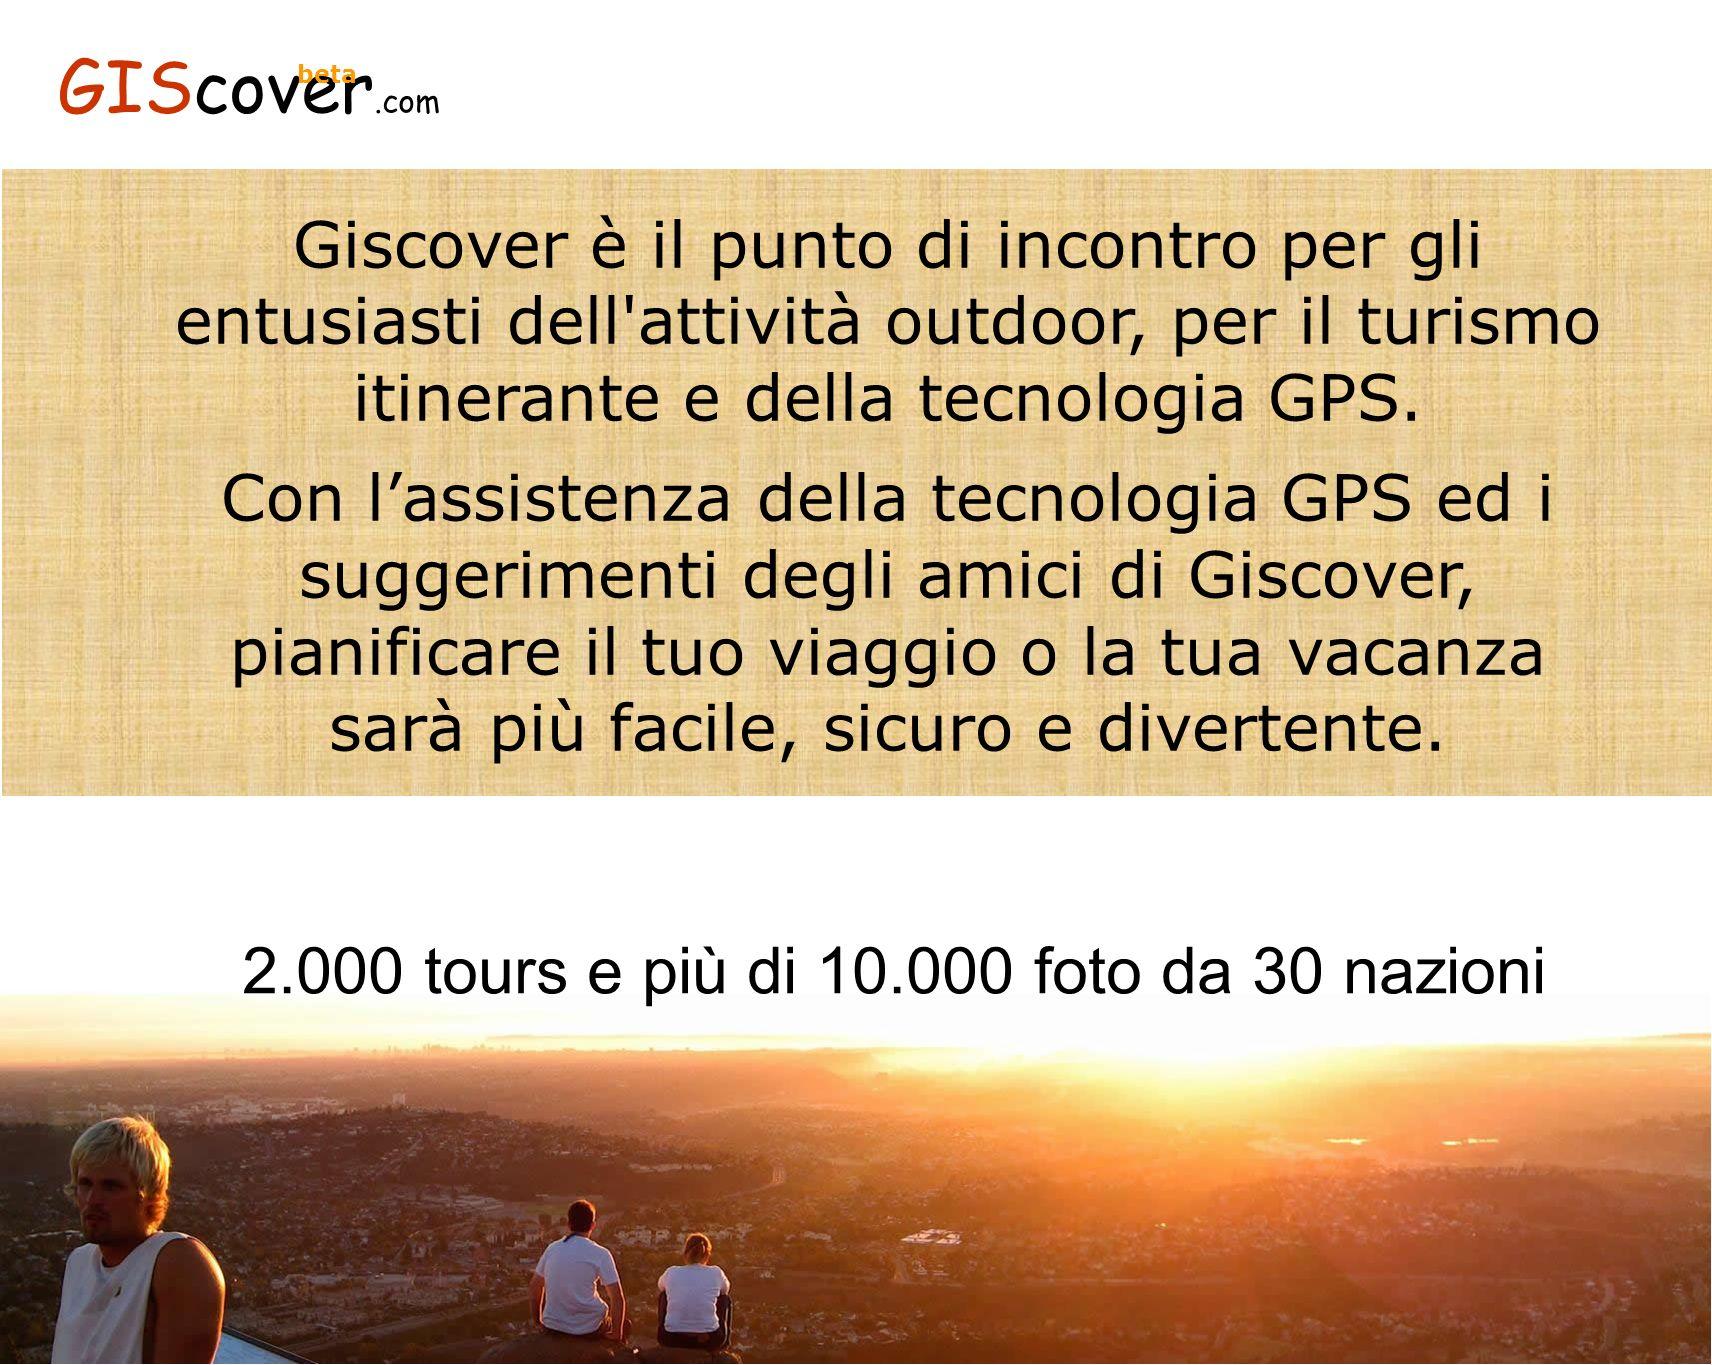 mercato USA rapido aumento del mercato navigatori GPS Negli ultimi 3 mesi del 2006 più vendite dei precedenti mesi dello stesso anno